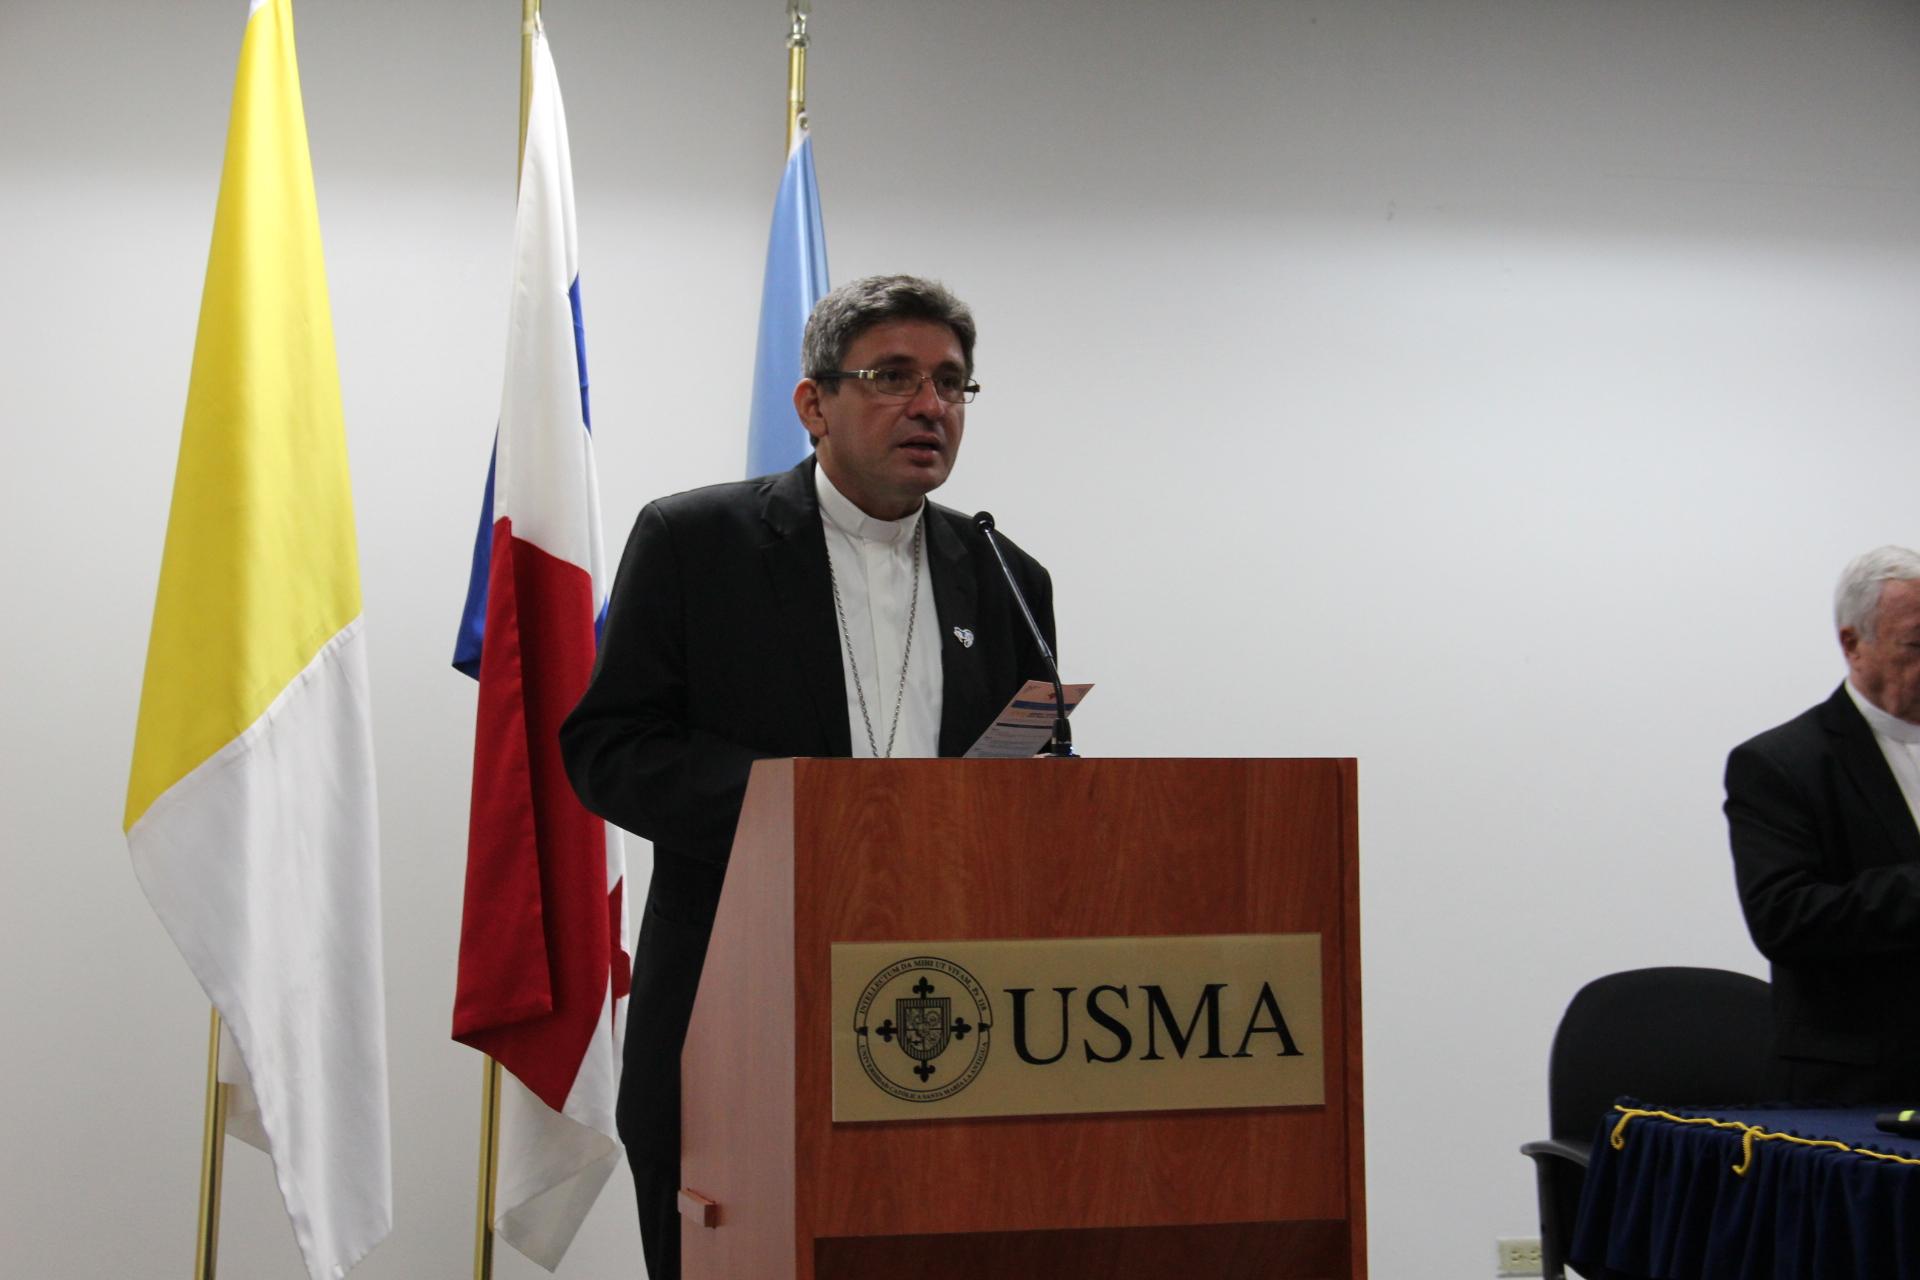 Latinoamérica irá como una sola voz en  el Sínodo de Obispos sobre la juventud